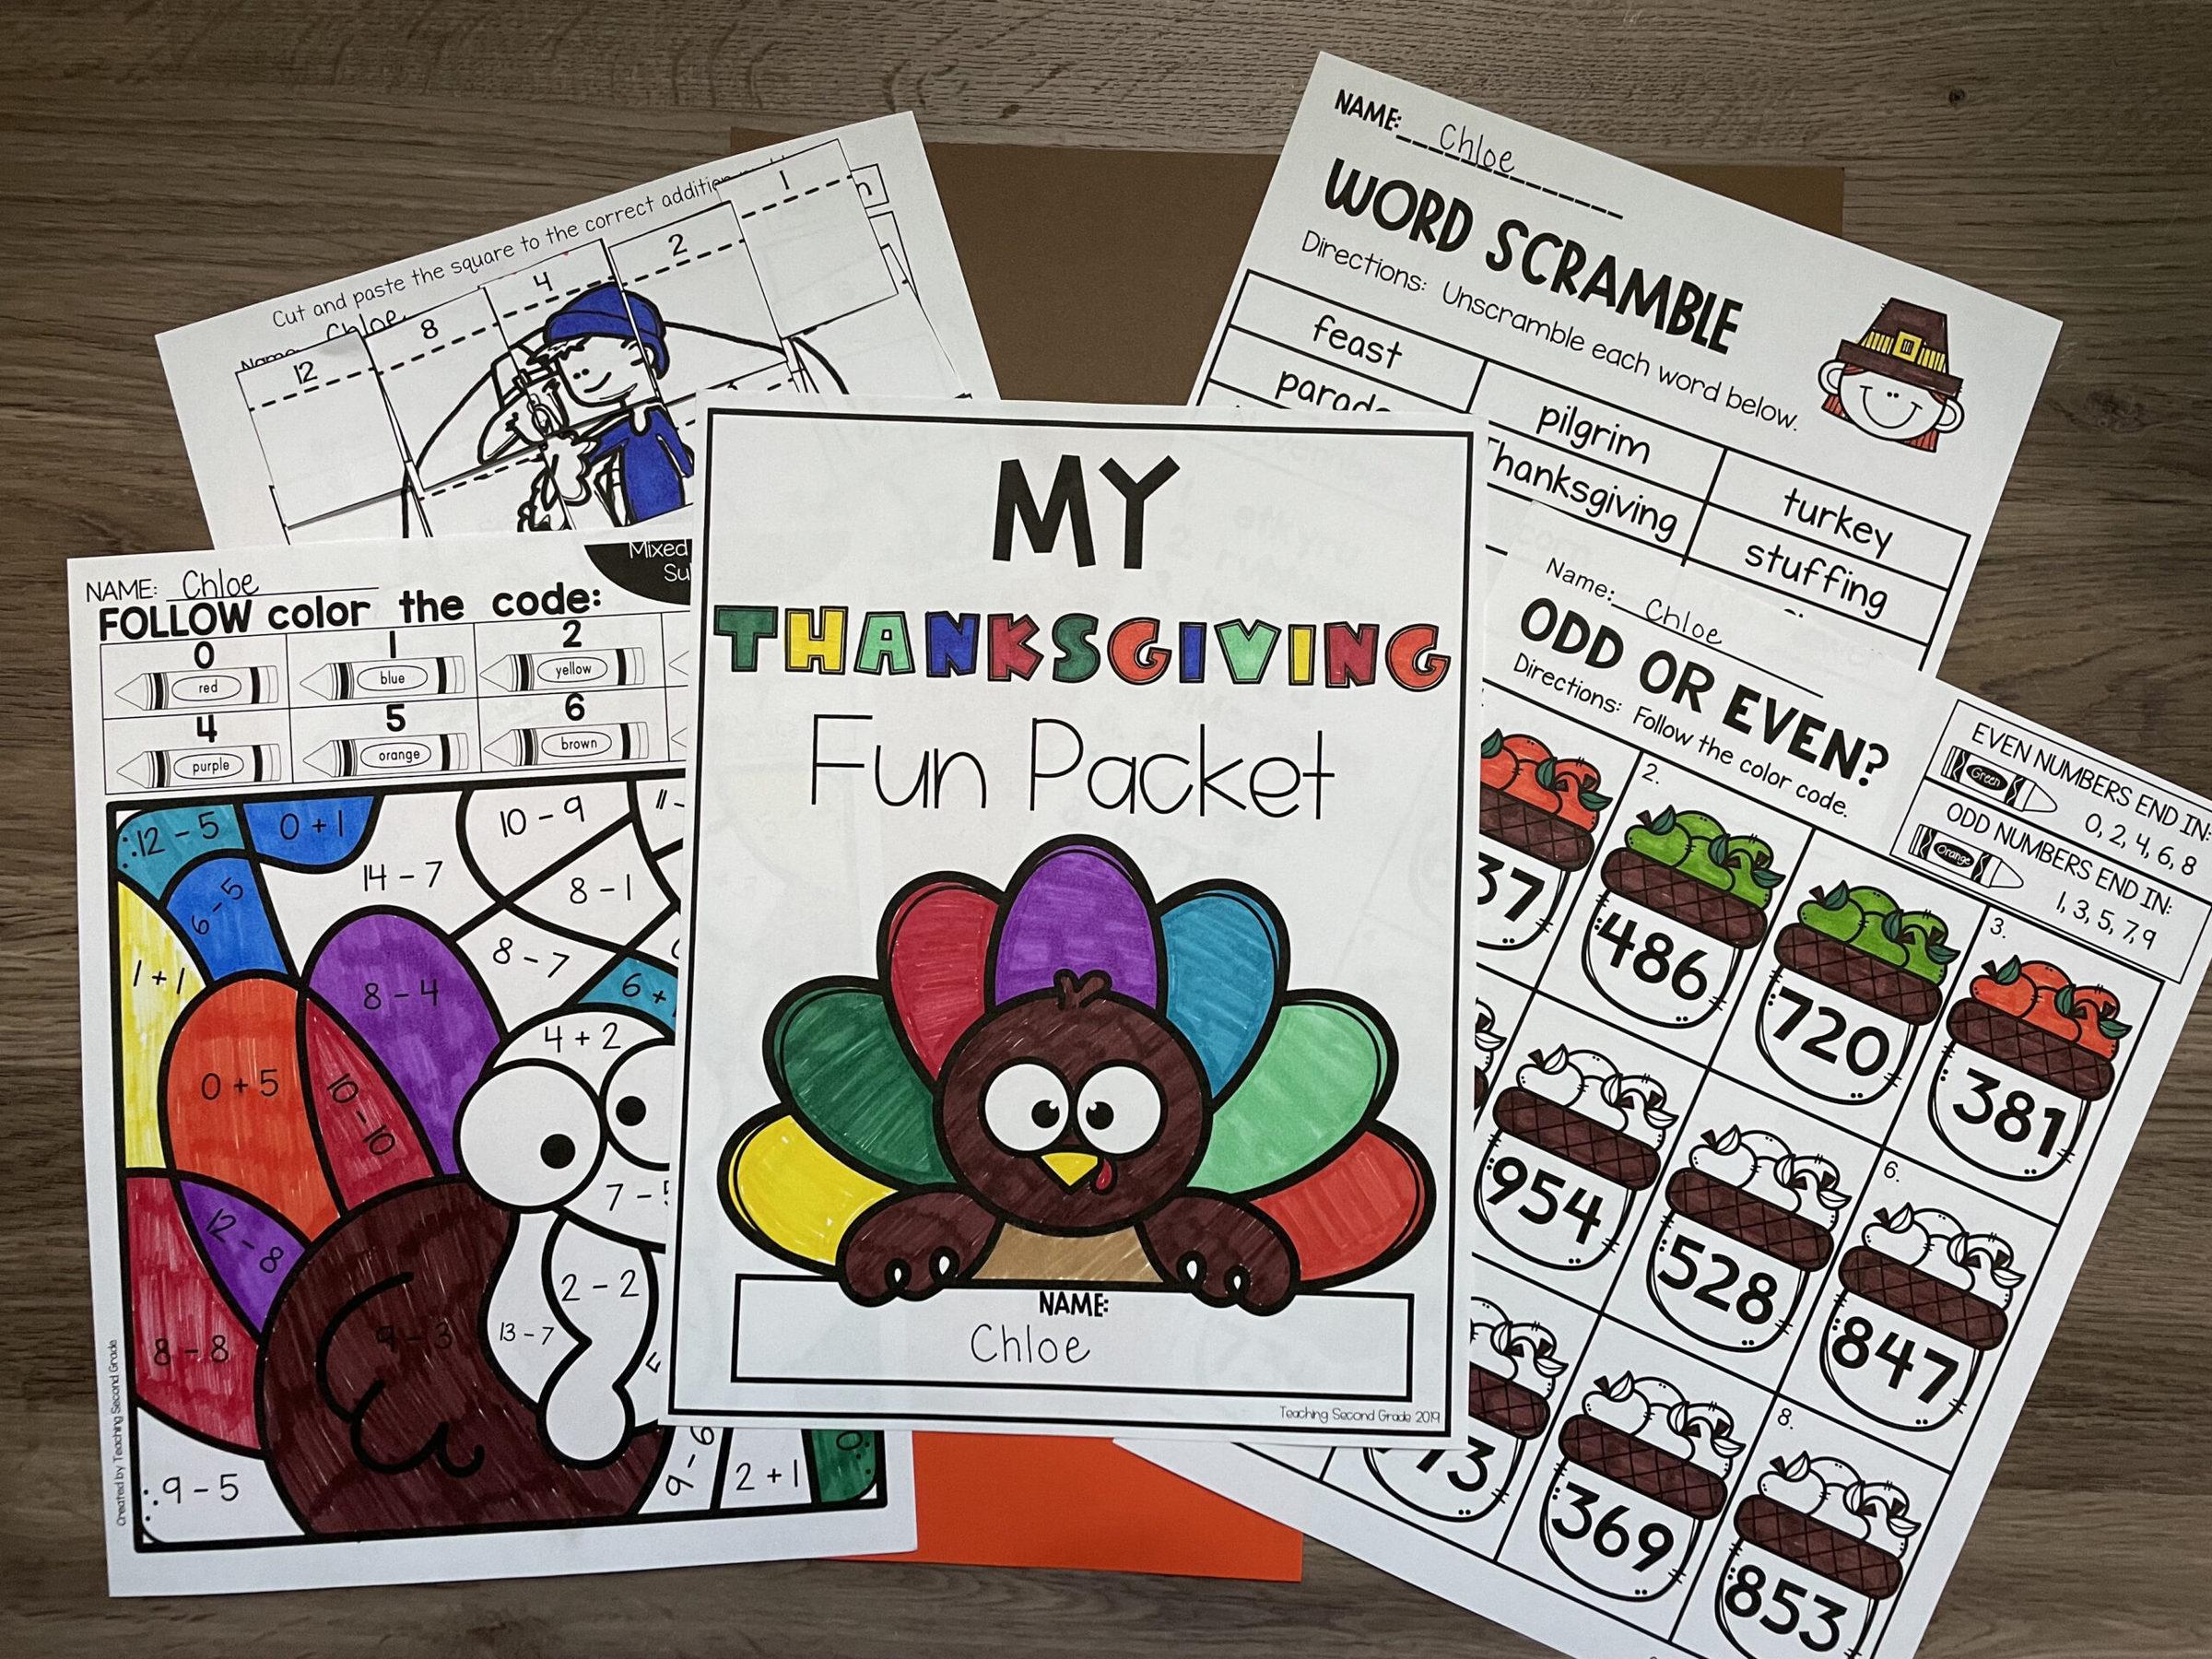 thanksgiving_fun_packet